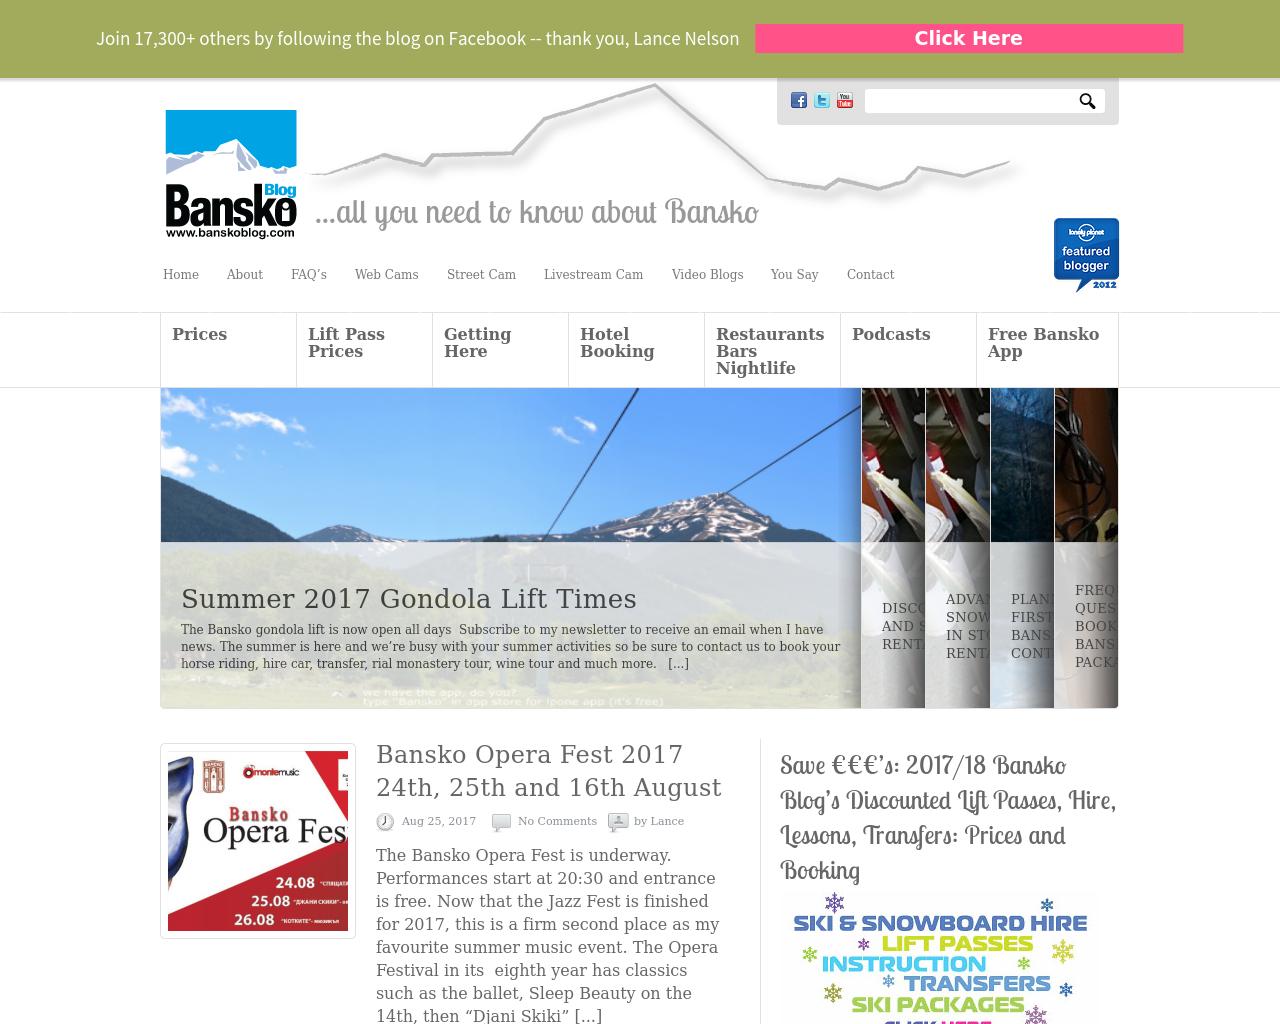 Bansko-blog-Advertising-Reviews-Pricing